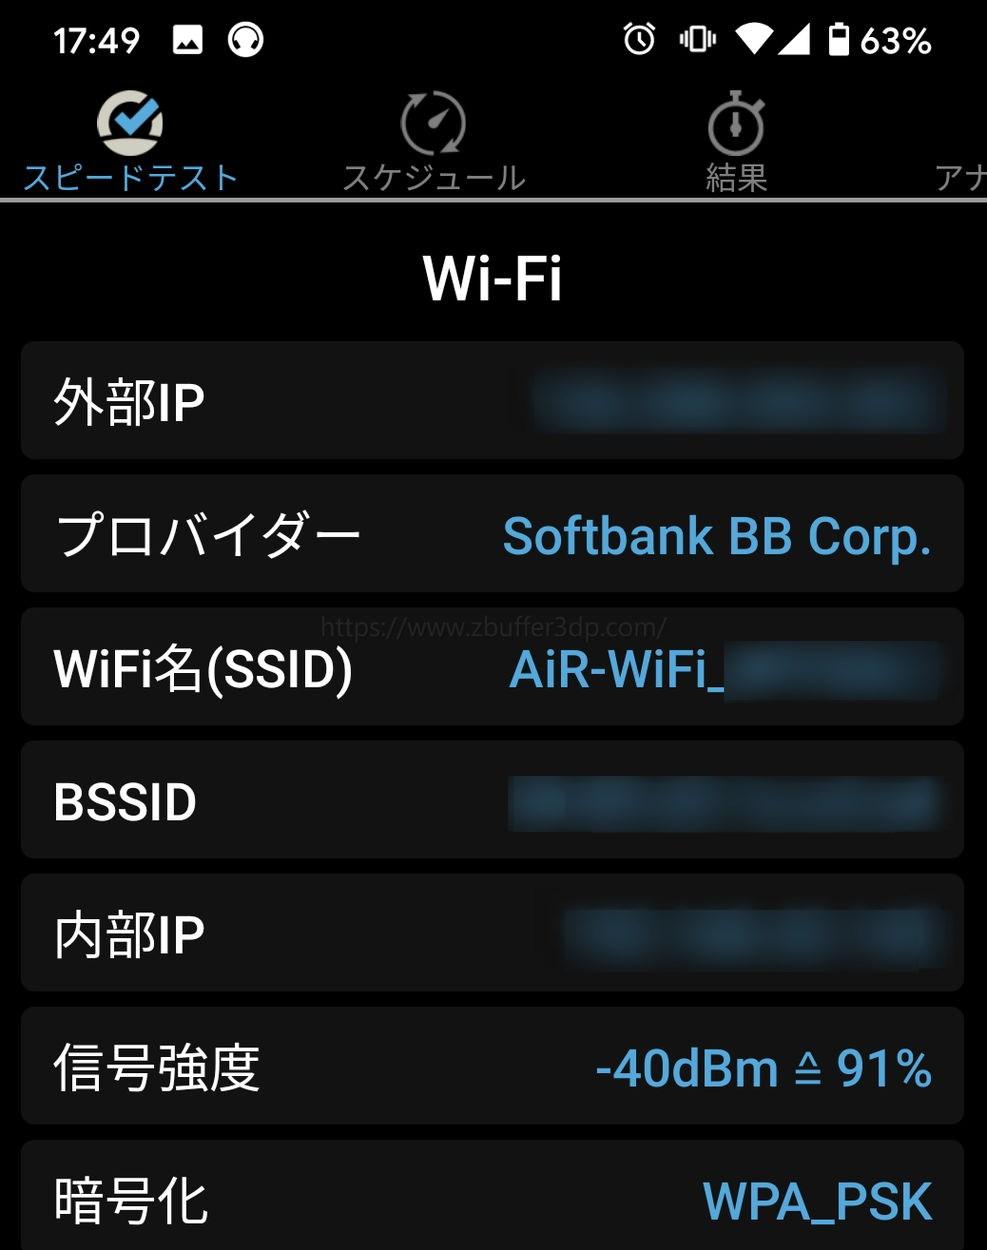 クラウドWi-Fi(東京)のwifi情報